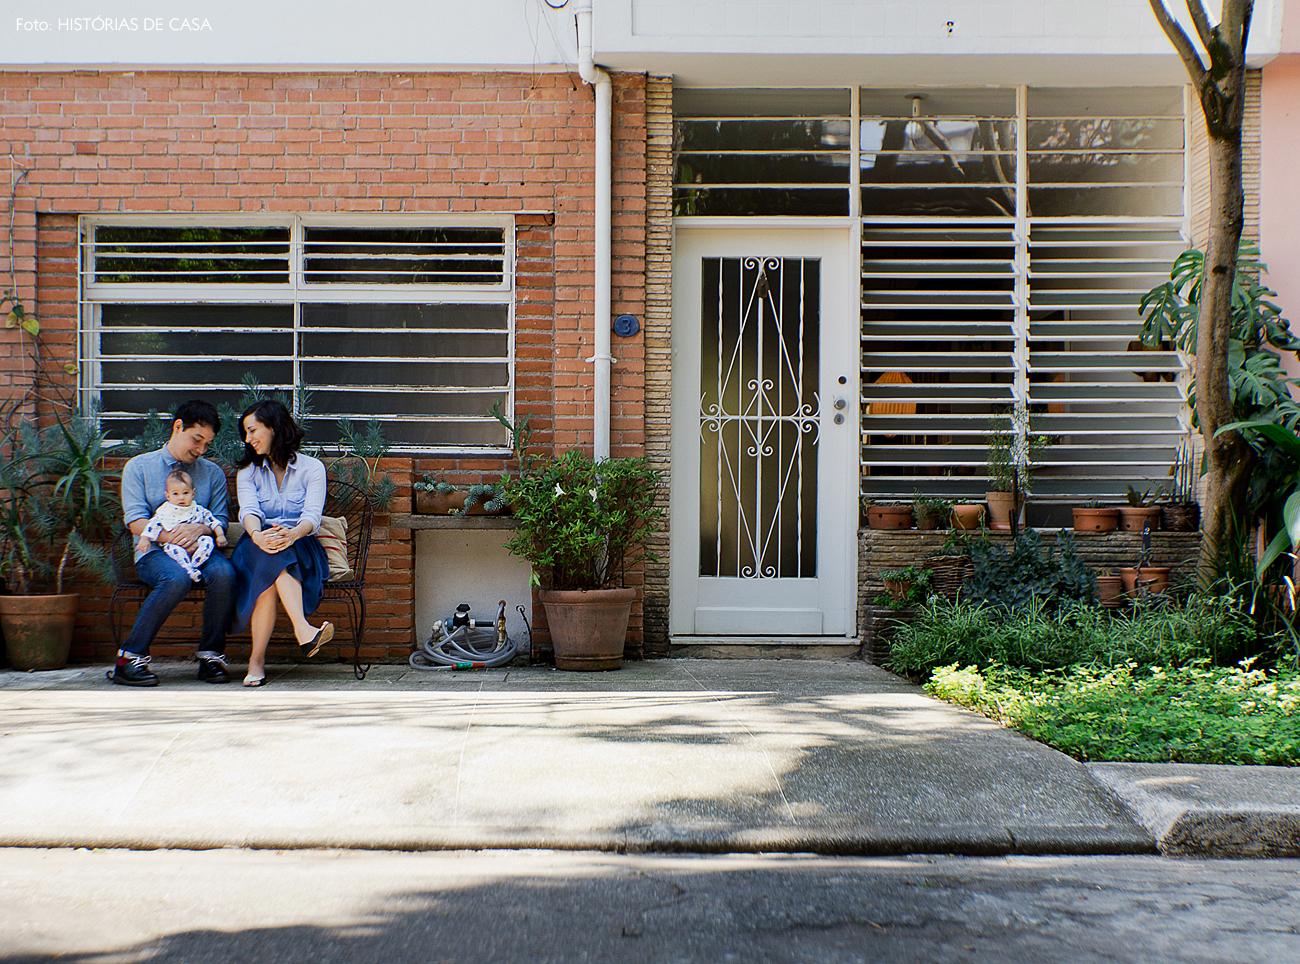 01-decoracao-casa-de-vila-fachada-tijolinhos-jardim